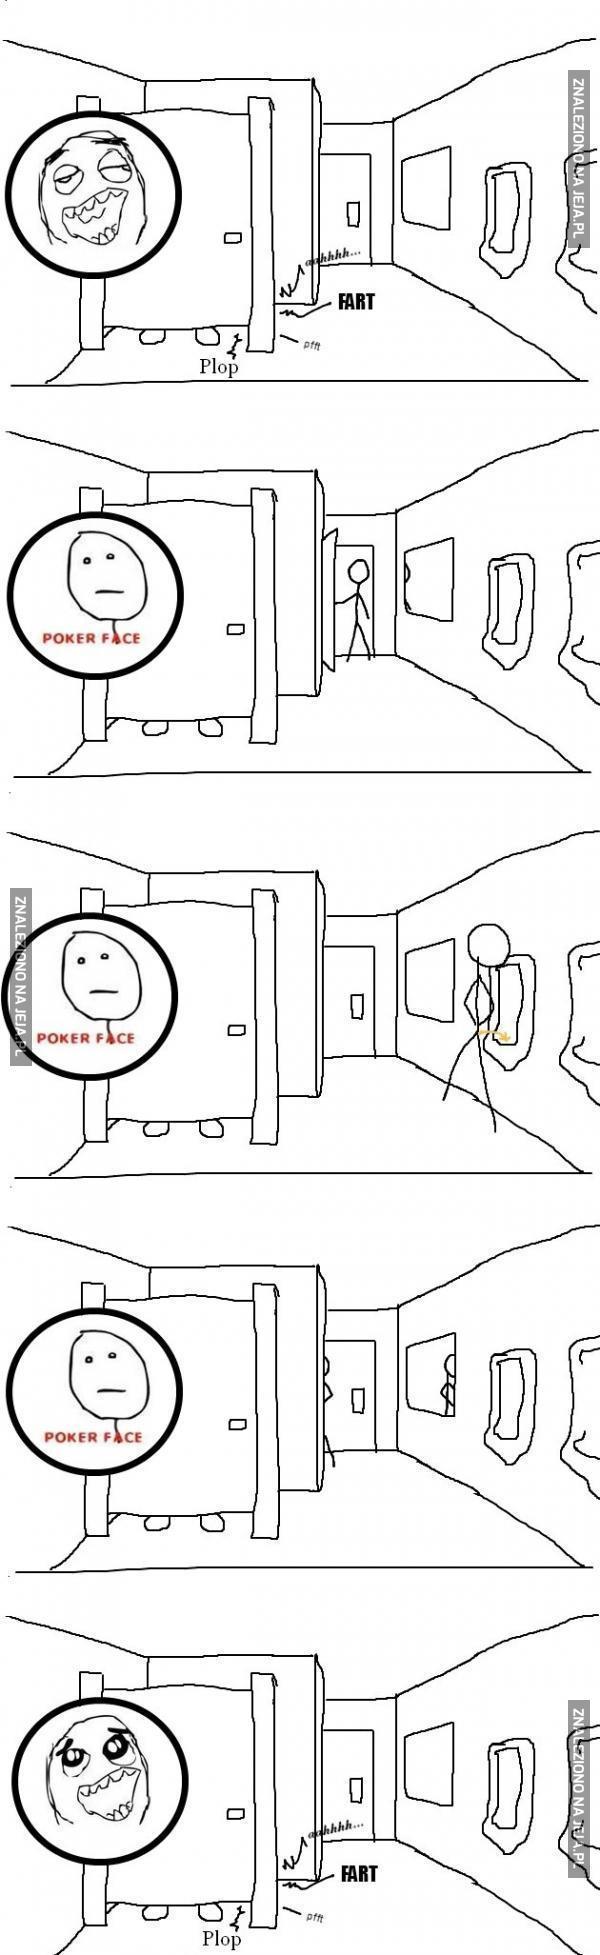 Gdy mam posiedzenie w toalecie publicznej